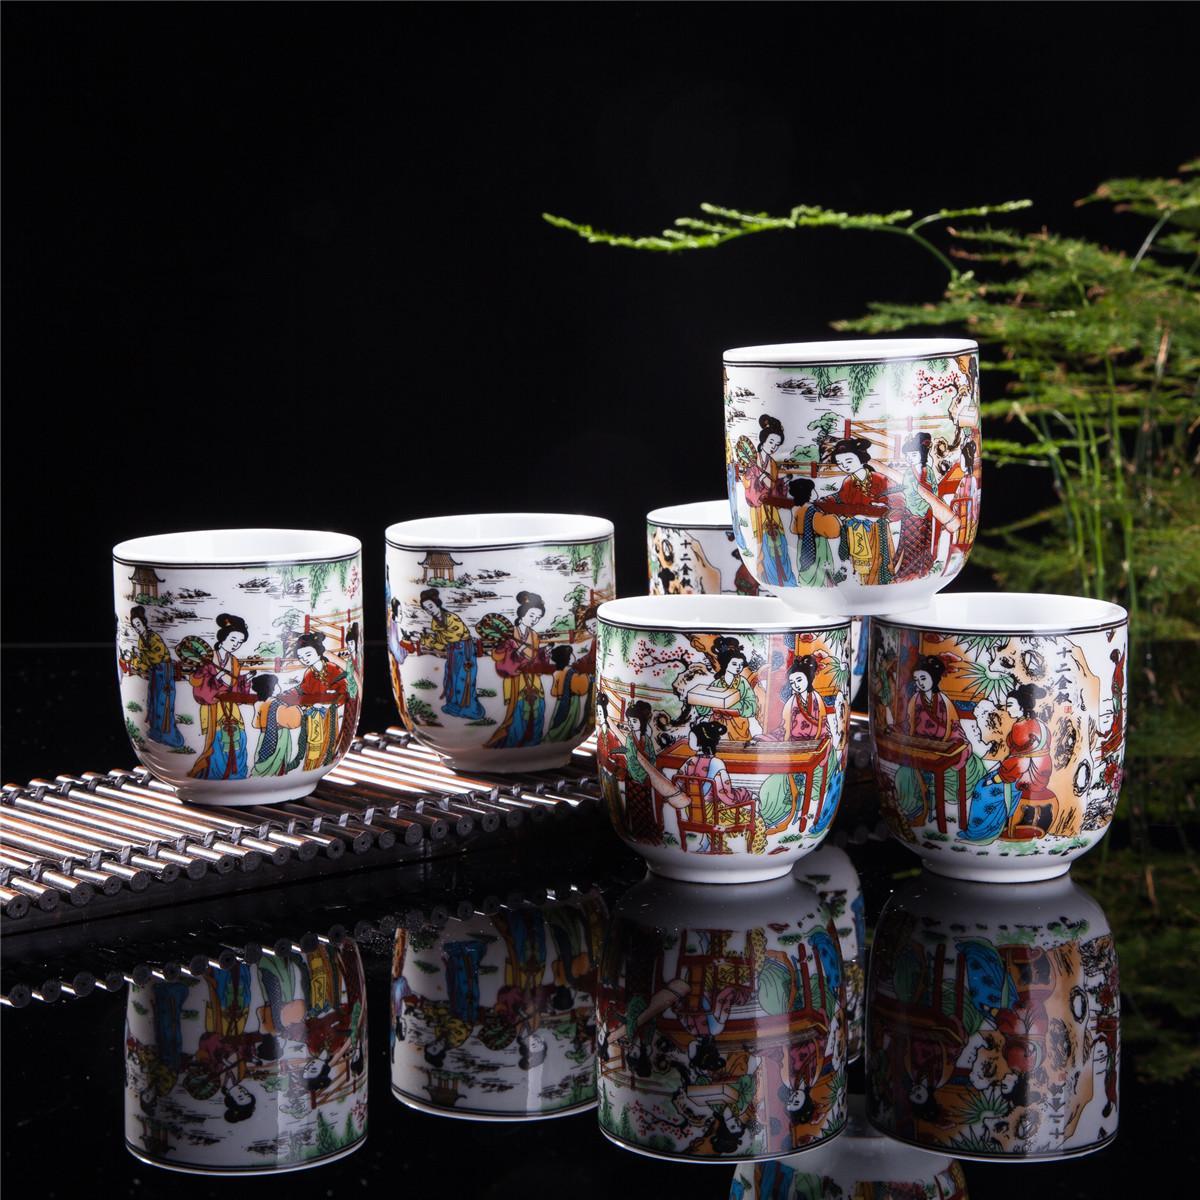 764fb771904c Set Of 6 Eastern Asian Design Ceramic Tea Cups In The Twelve ...